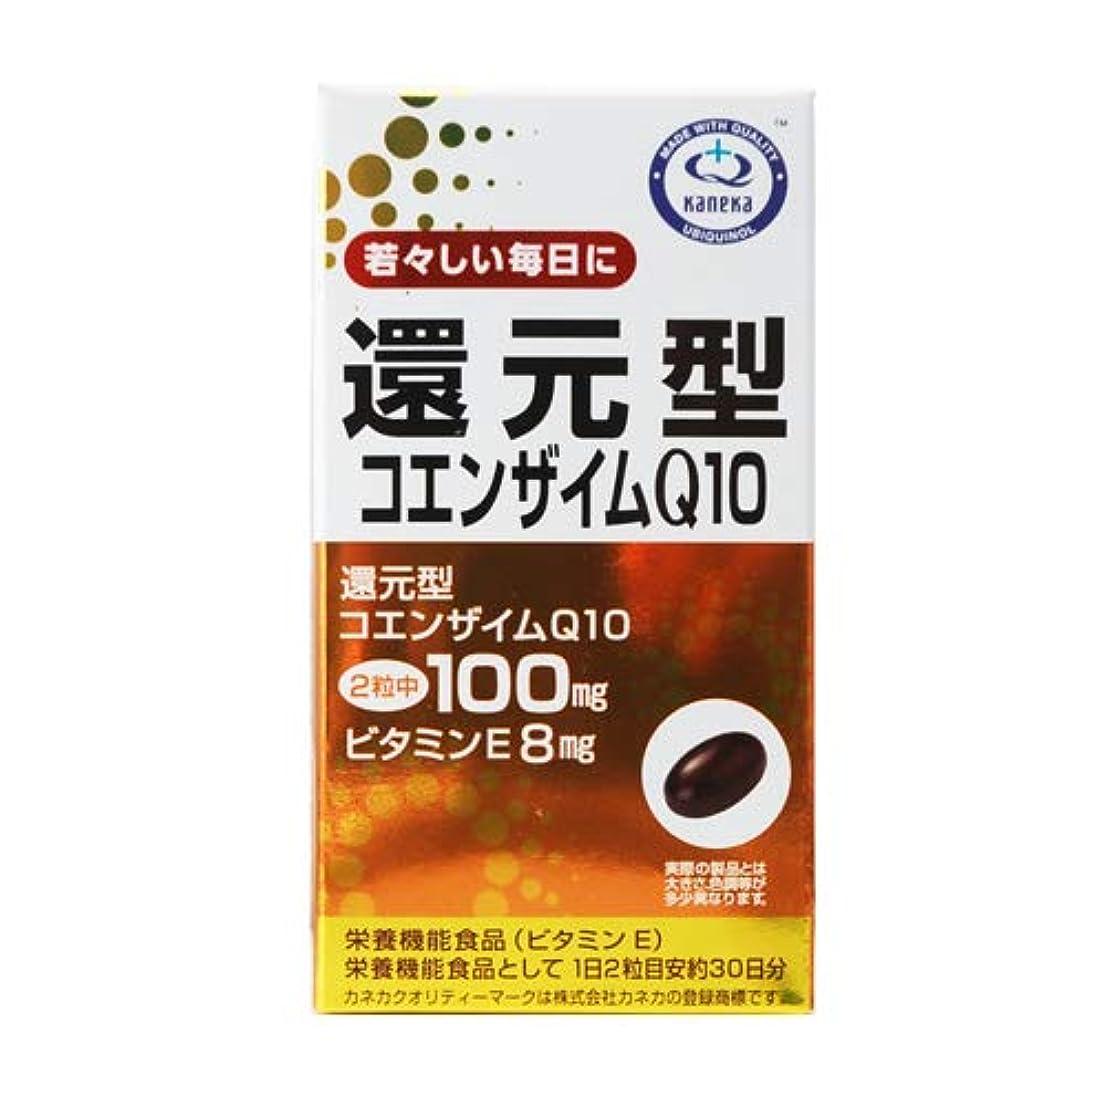 独立して定刻る還元型コエンザイムQ10 60粒